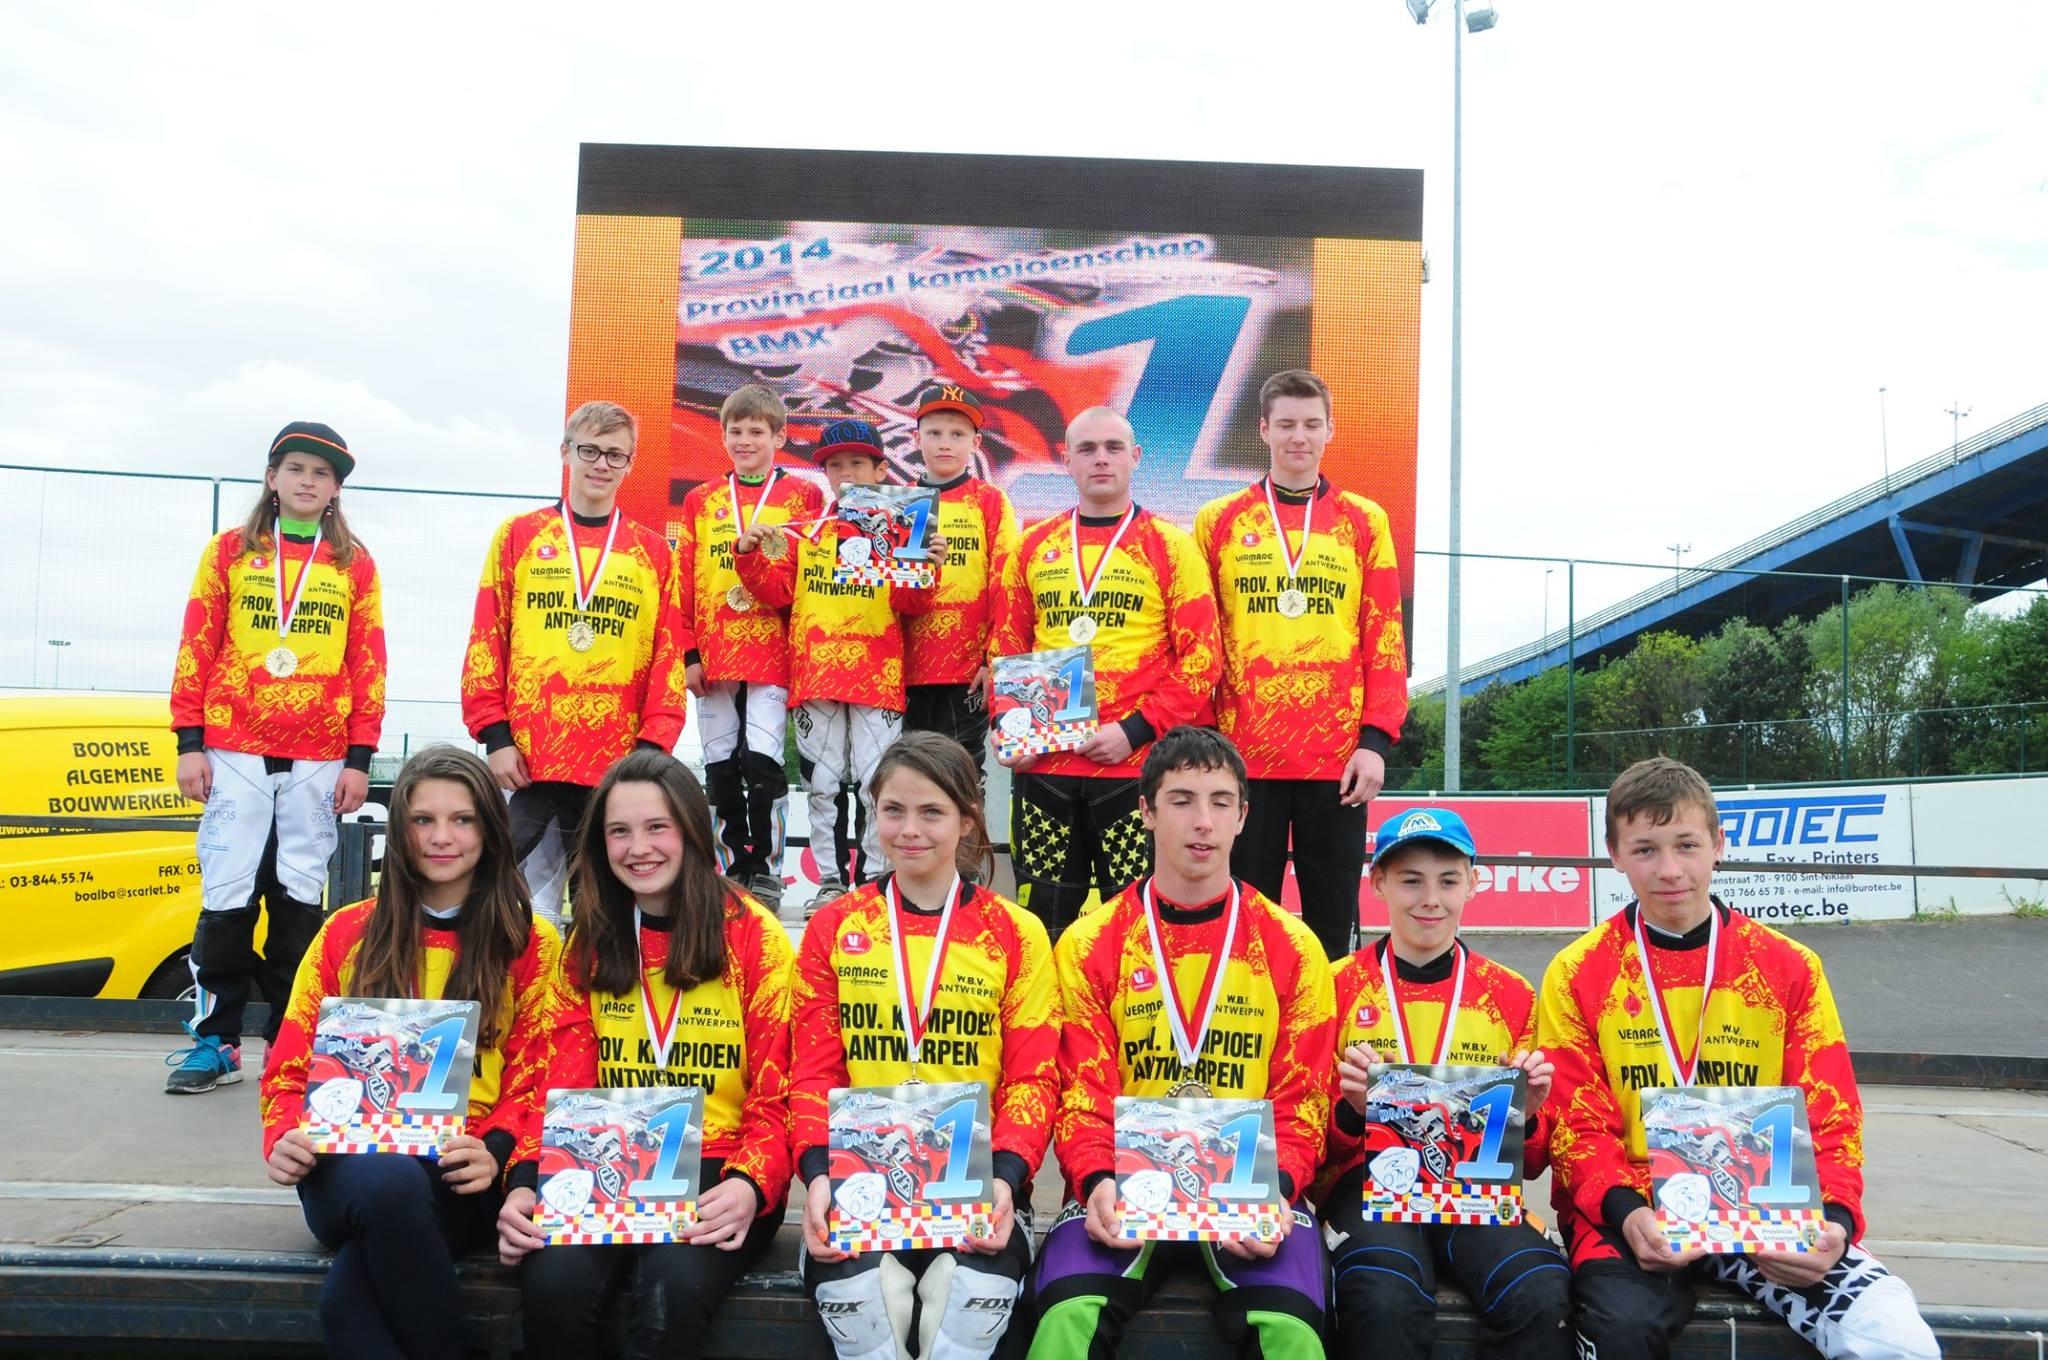 Titelstrijd Antwerps Kampioenschap in Wilrijk 27 april 2014